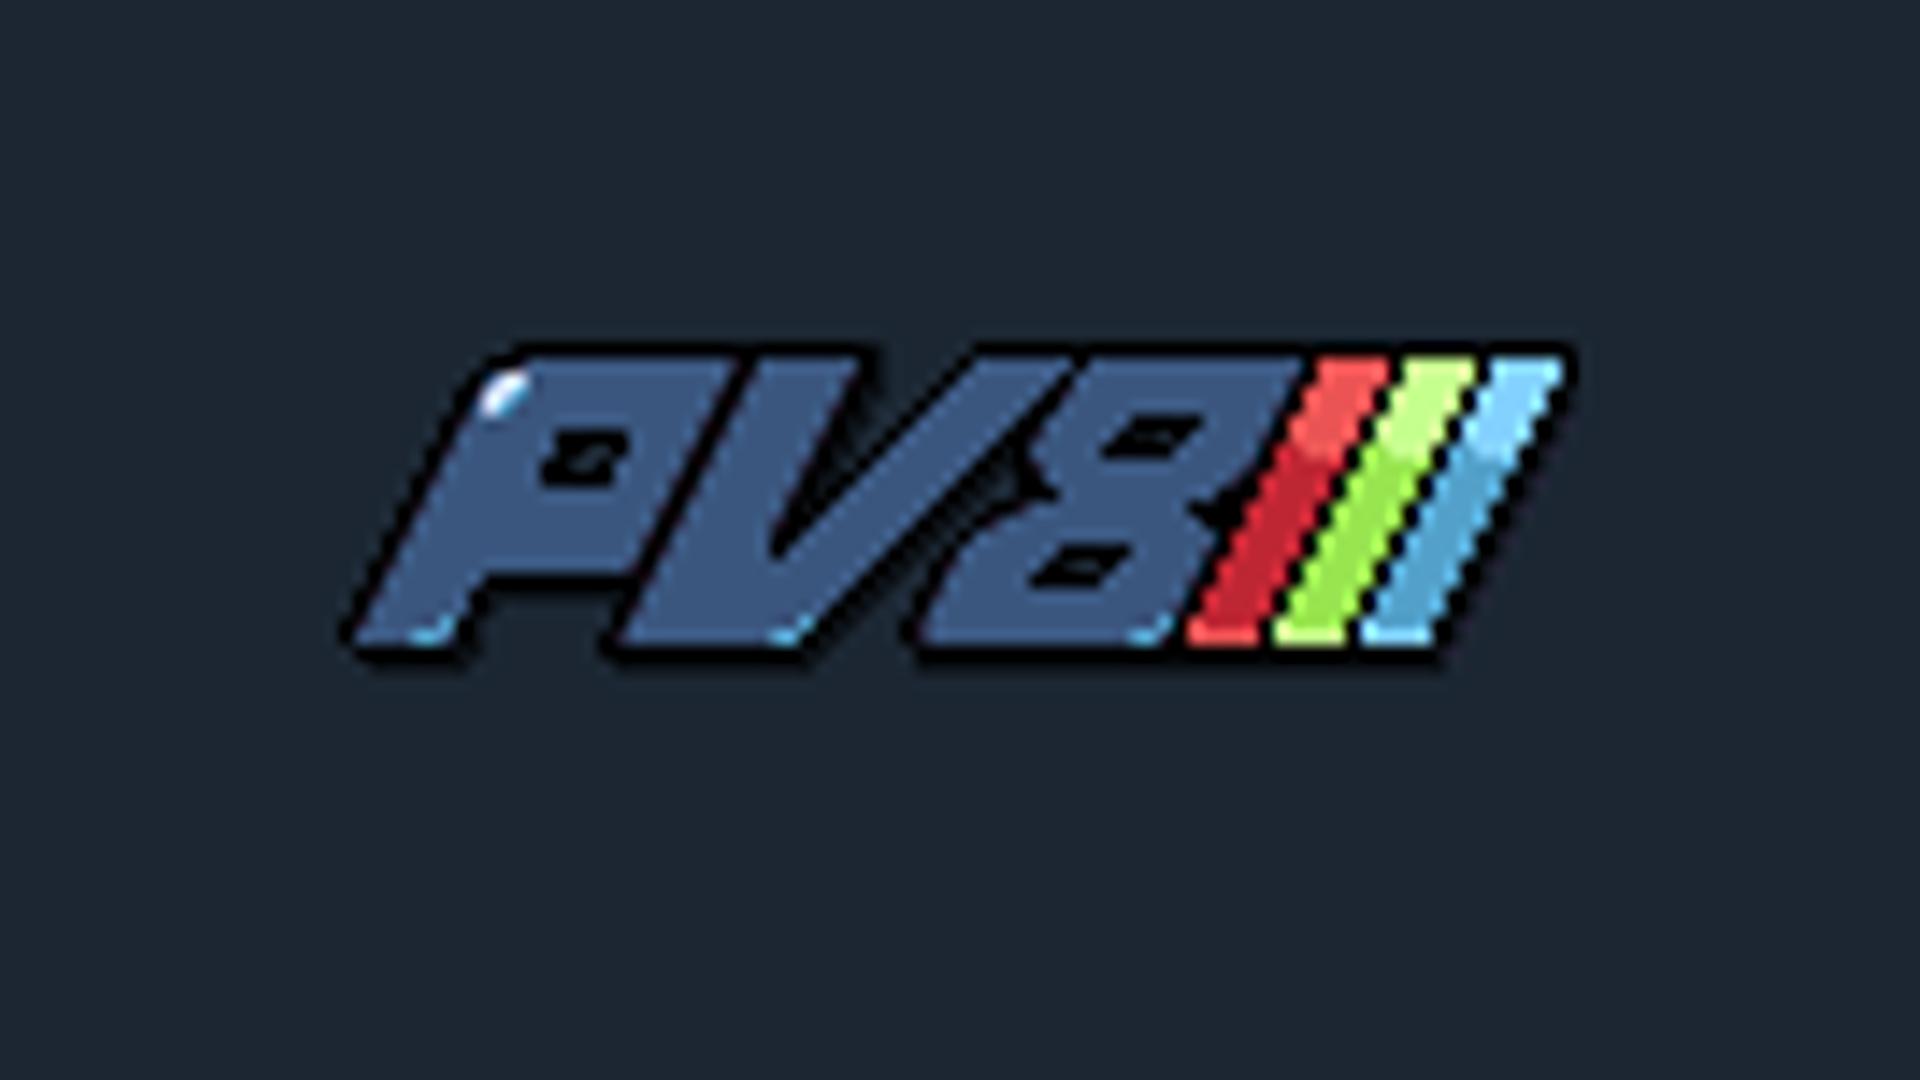 Saving Texture2D as a PNG